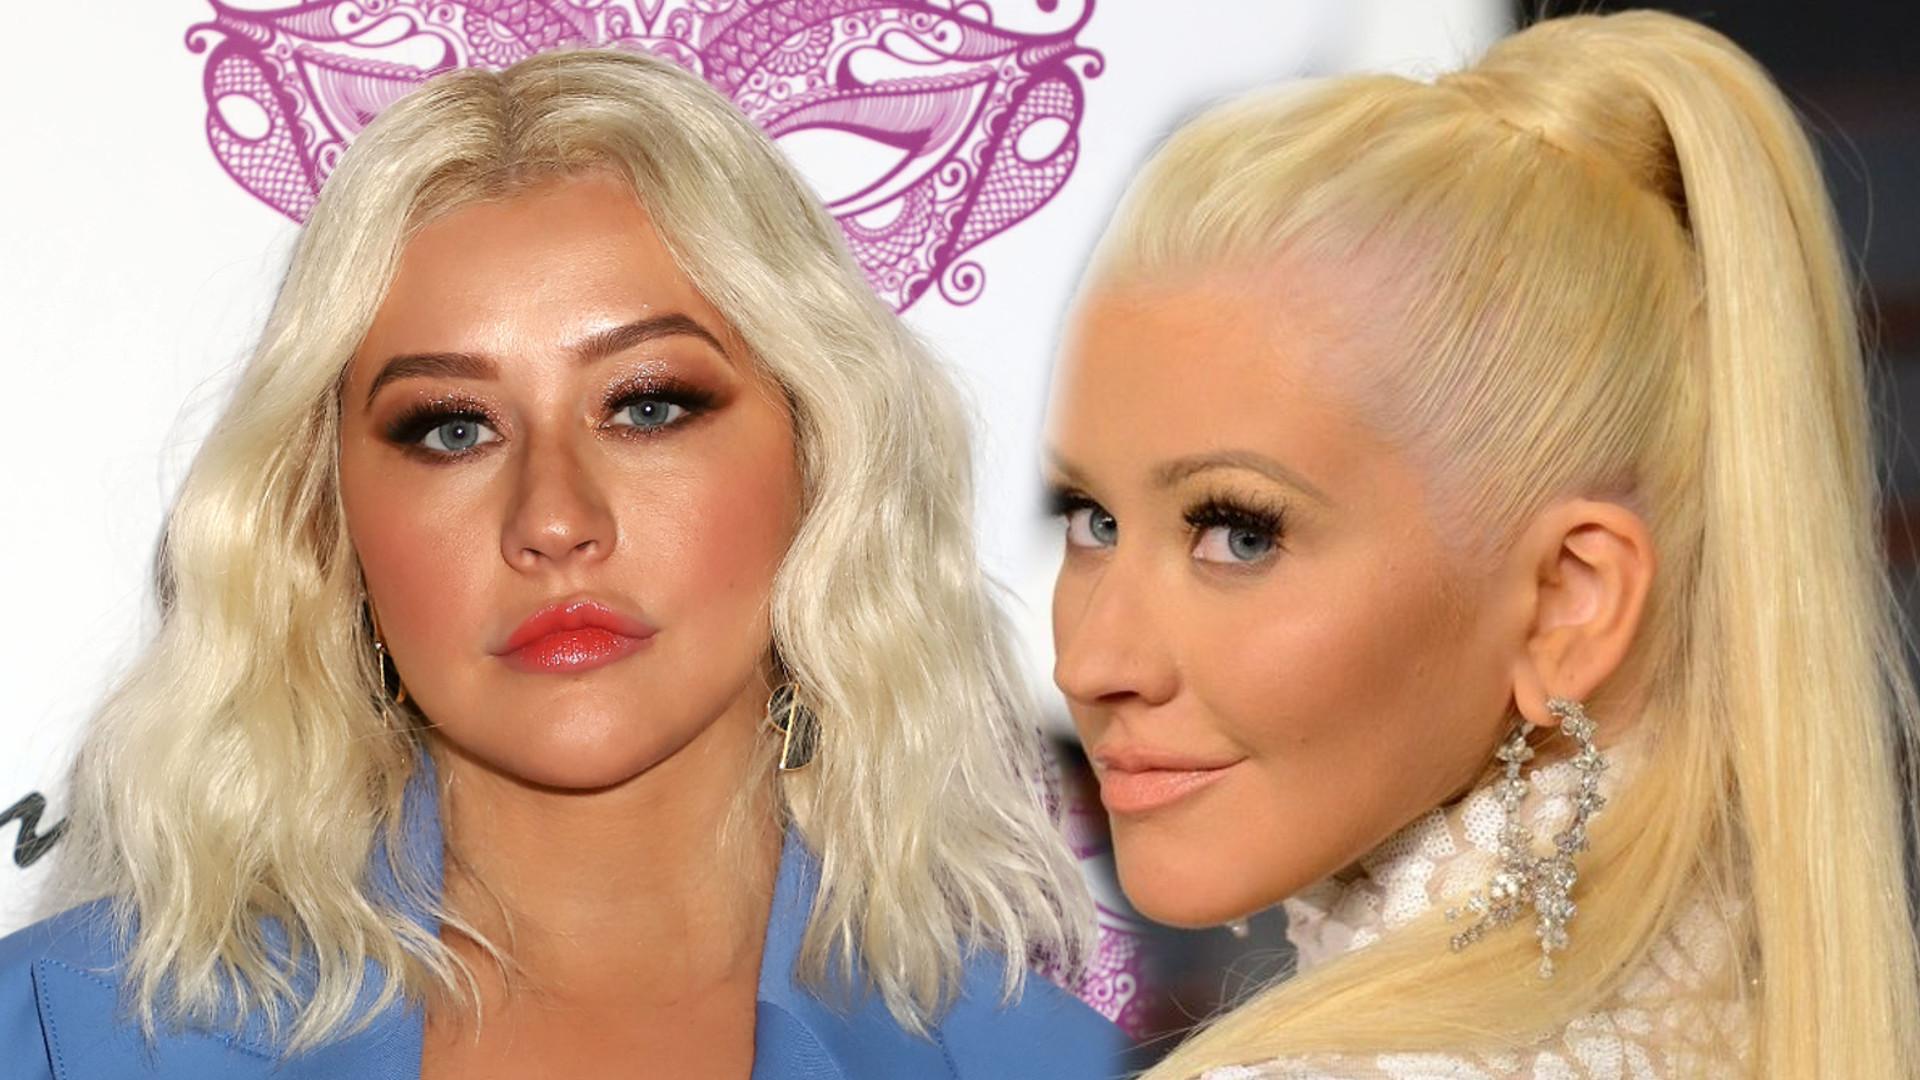 SZOK! Co Christina Aguilera zrobiła ze swoimi ustami? Wokalistka wygląda komicznie